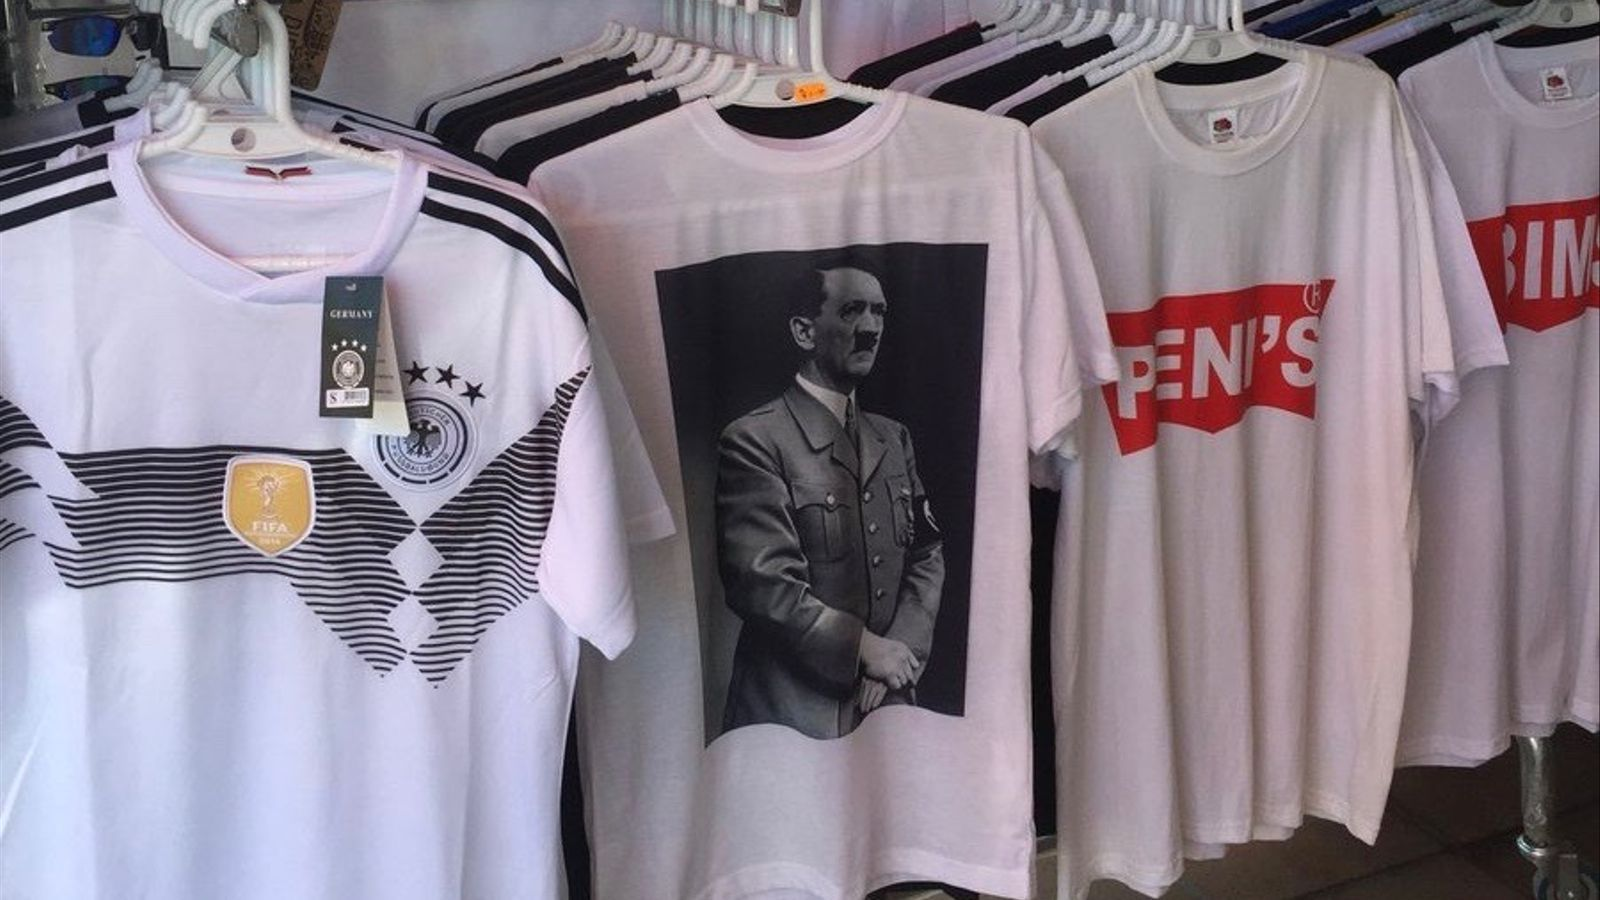 Un 'souvenir' de l'Arenal ven samarretes amb un retrat d'Adolf Hitler